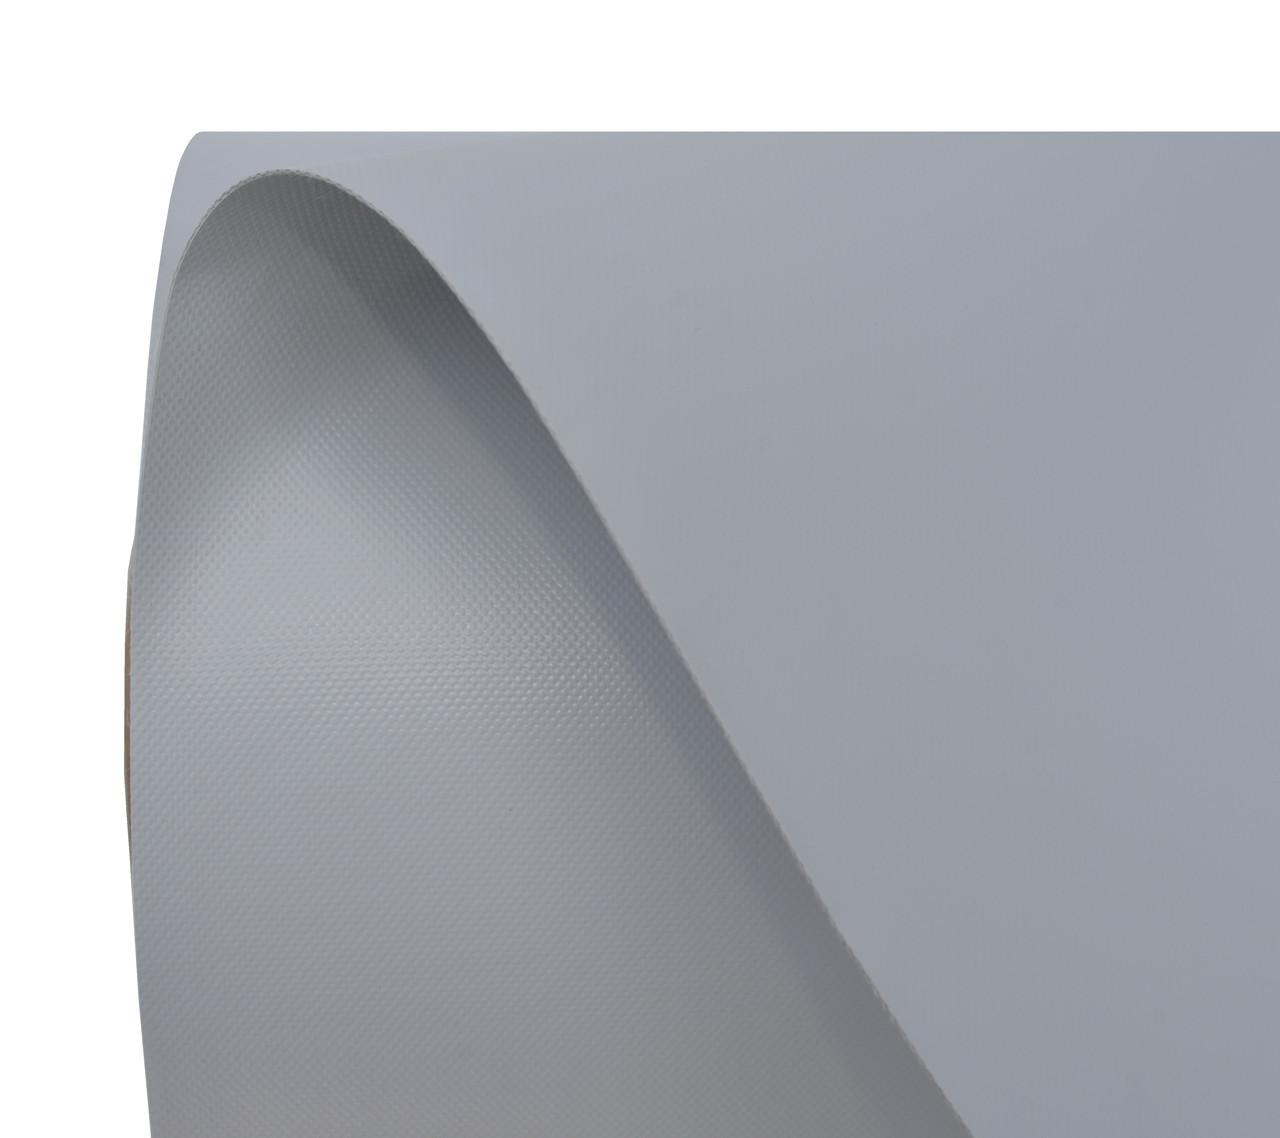 Ткань ПВХ (PVC) 50х205м светло-серая 950гр рулон